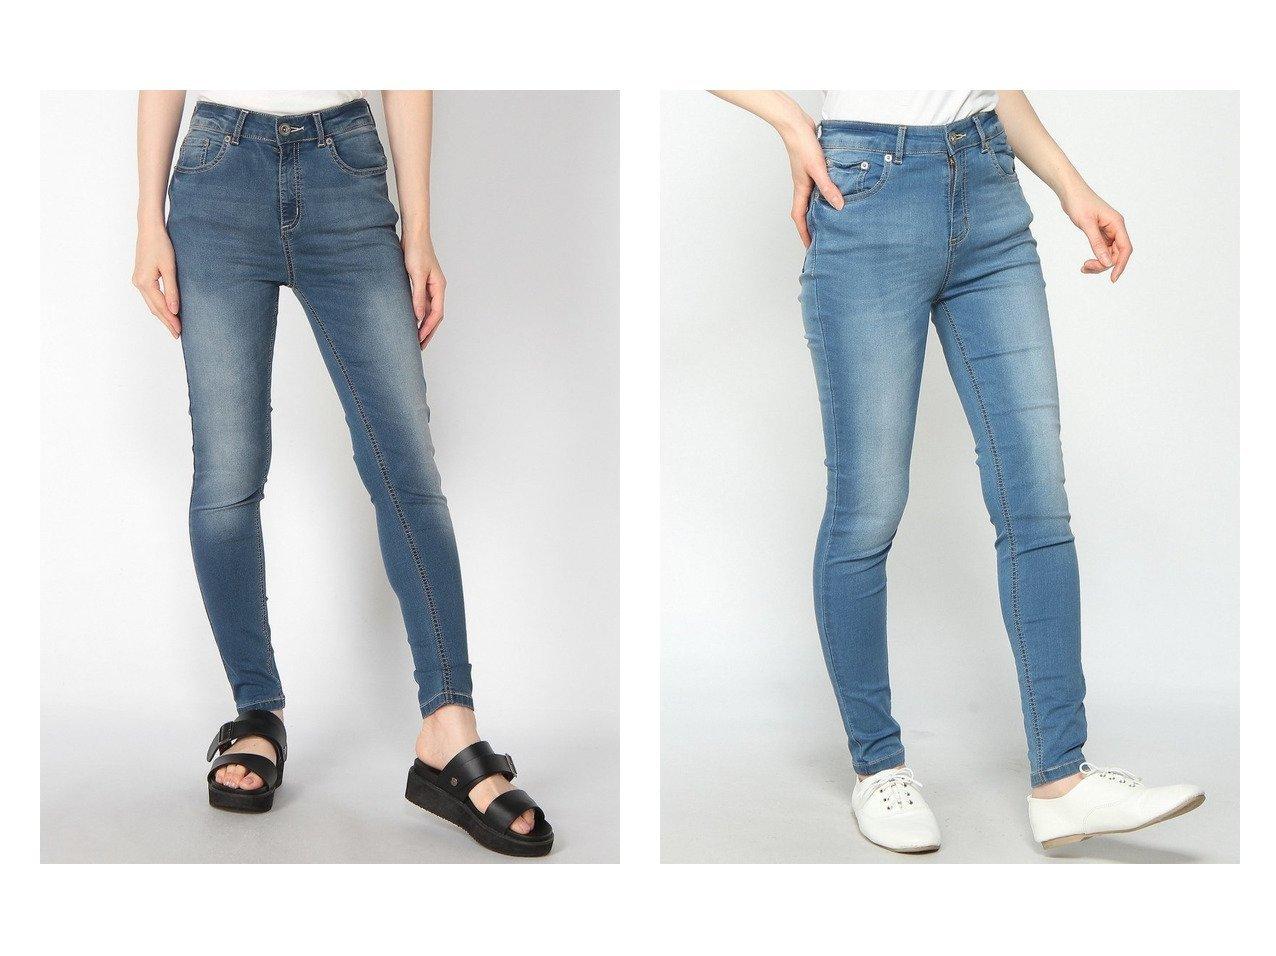 【JEANASiS/ジーナシス】のJEGGINGS 【パンツ】おすすめ!人気、トレンド・レディースファッションの通販  | レディースファッション・服の通販 founy(ファニー)